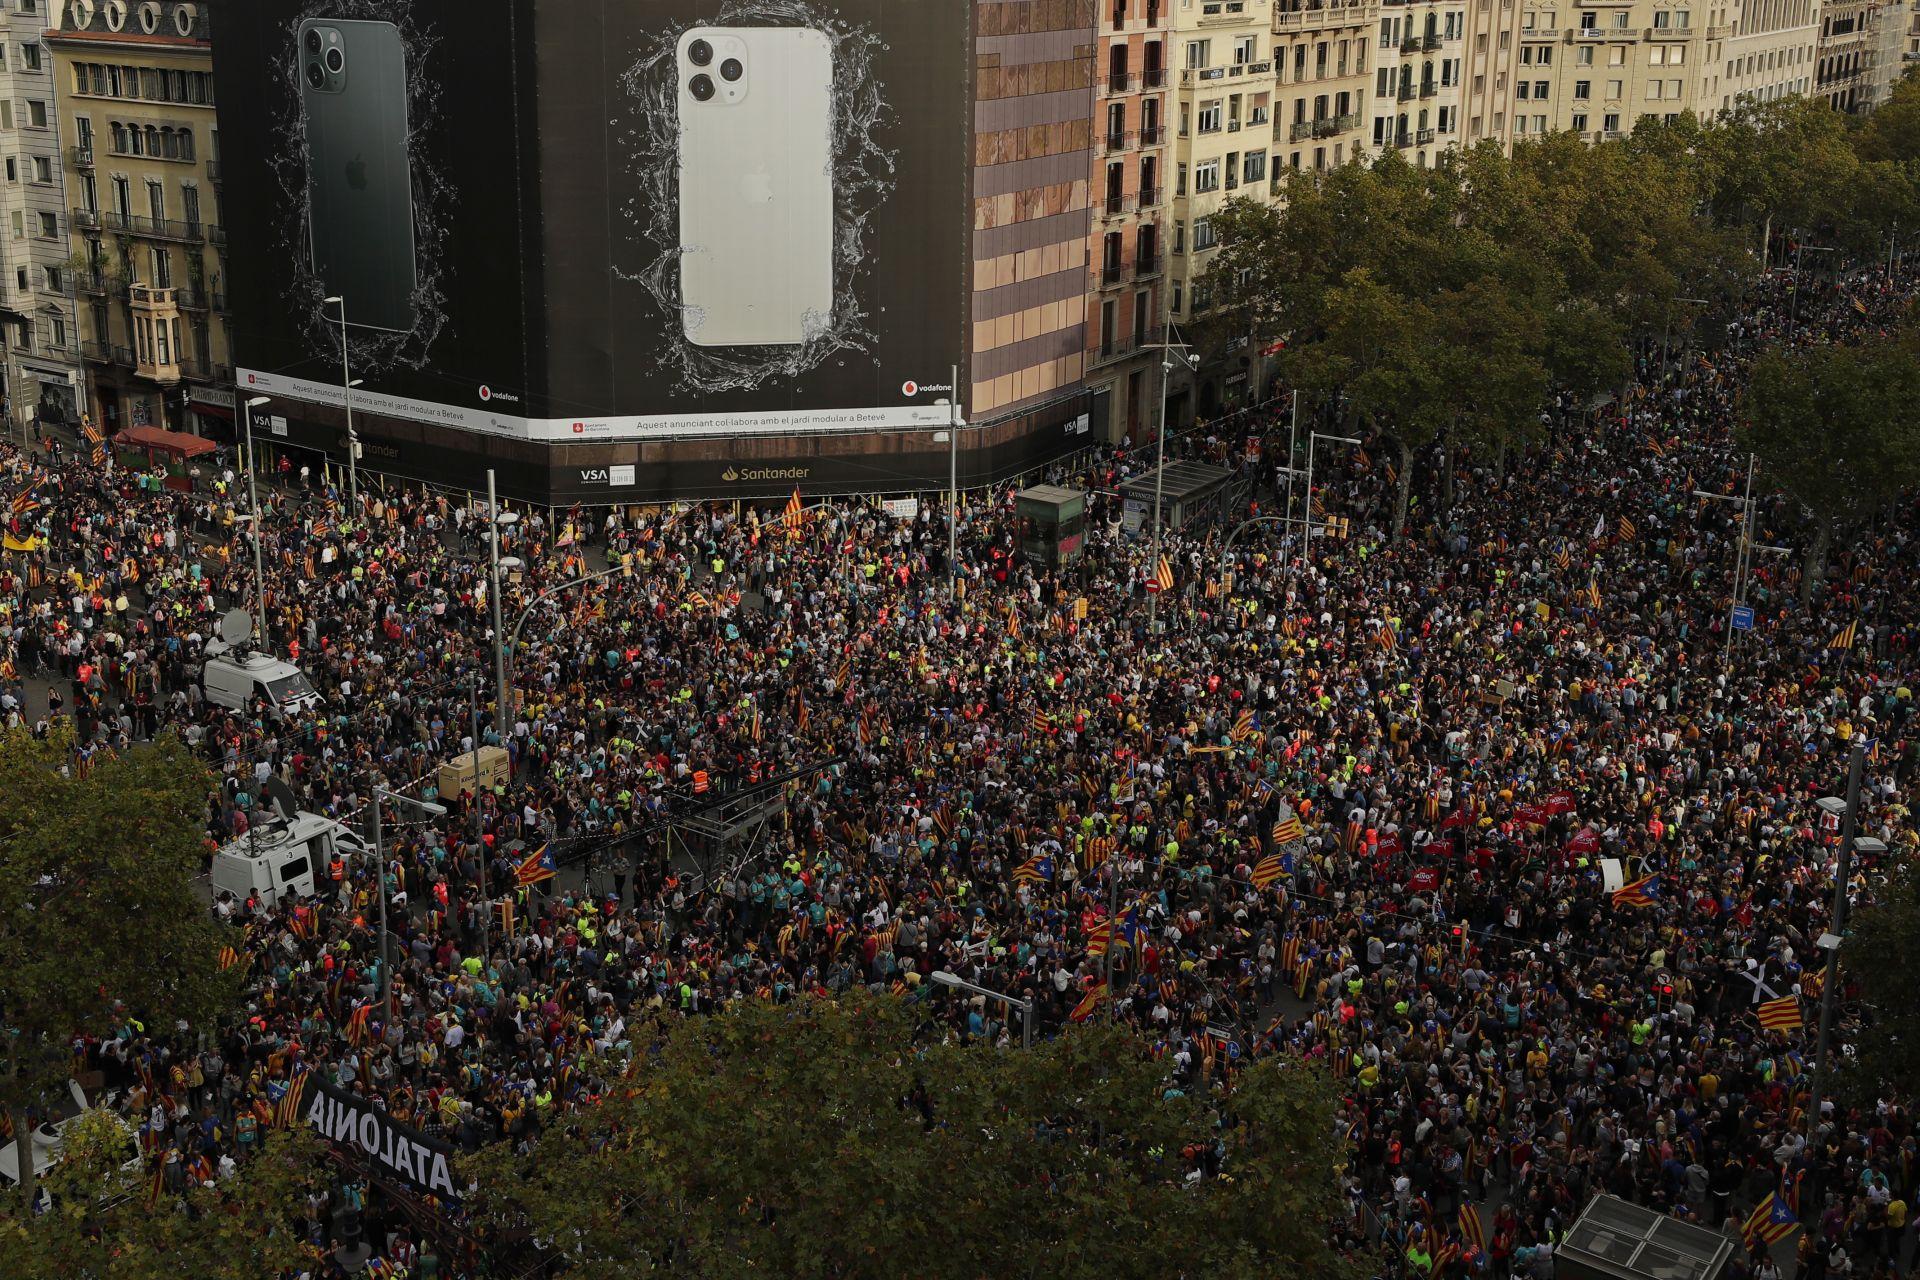 Днес е пети пореден ден на протестите в испанската автономна област.